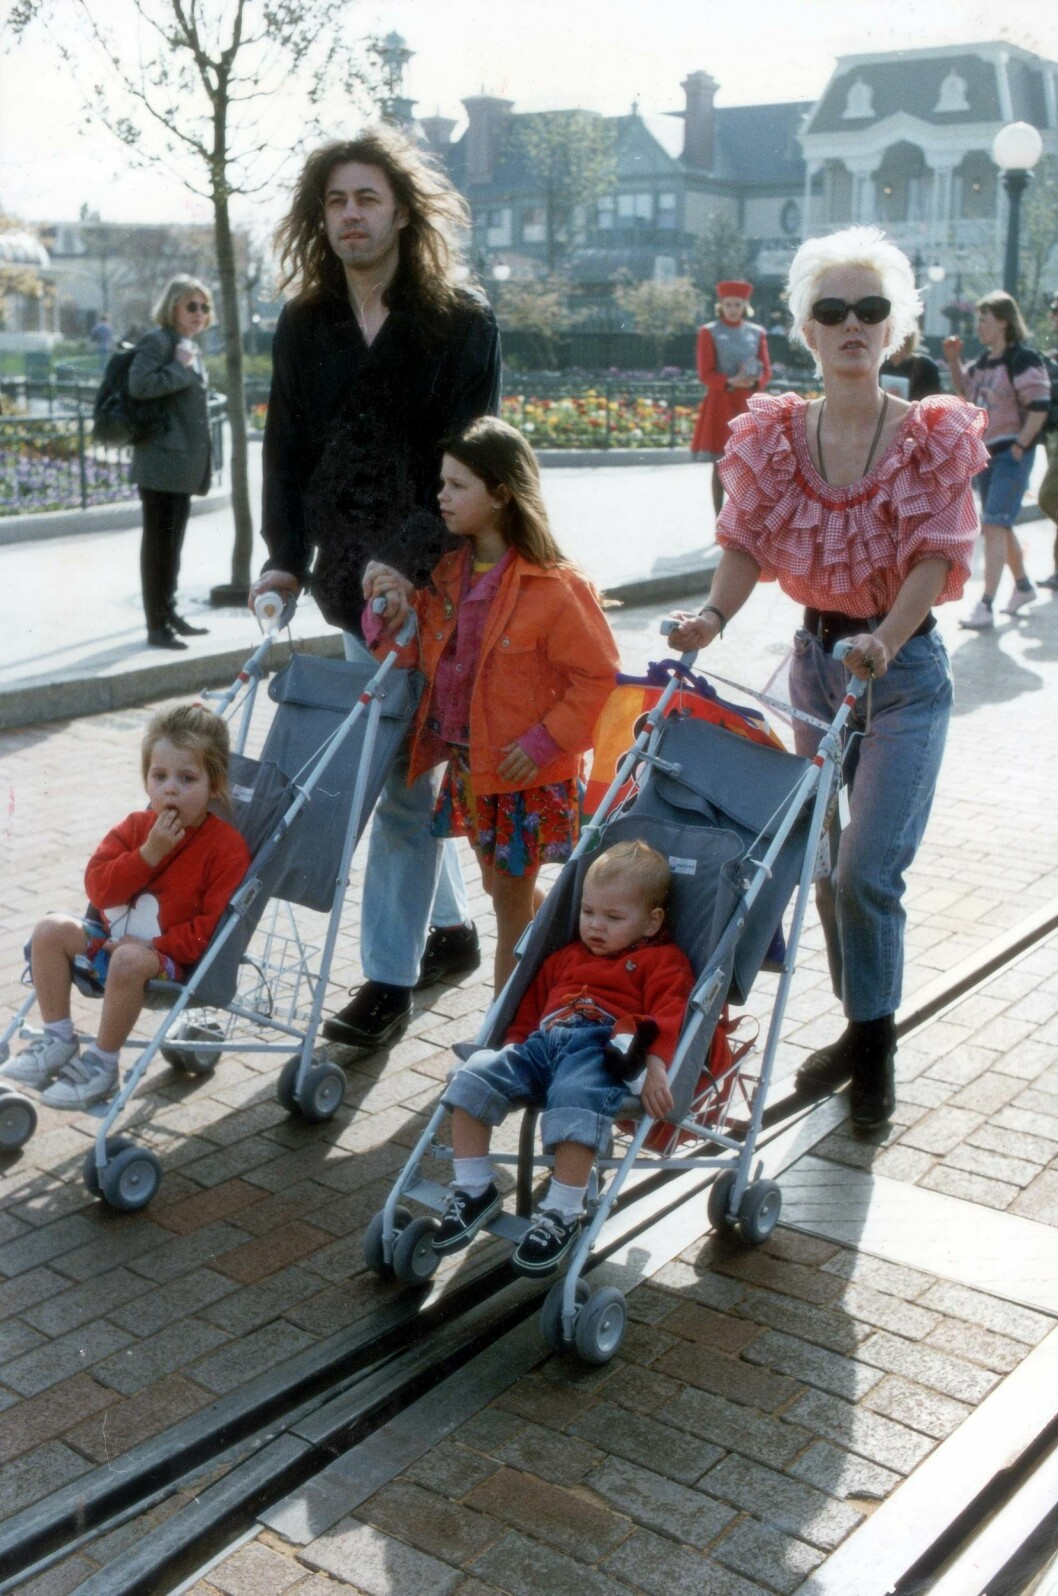 MYE SORG: 14 år etter at moren Paula Yates døde av en heroinoverdose, led Peaches (i vogna til venstre) samme skjebne. Her er Bob Geldof og Paula med sine tre felles barn i Euro Disney mens de fremdeles var gift. Foto: All Over Press